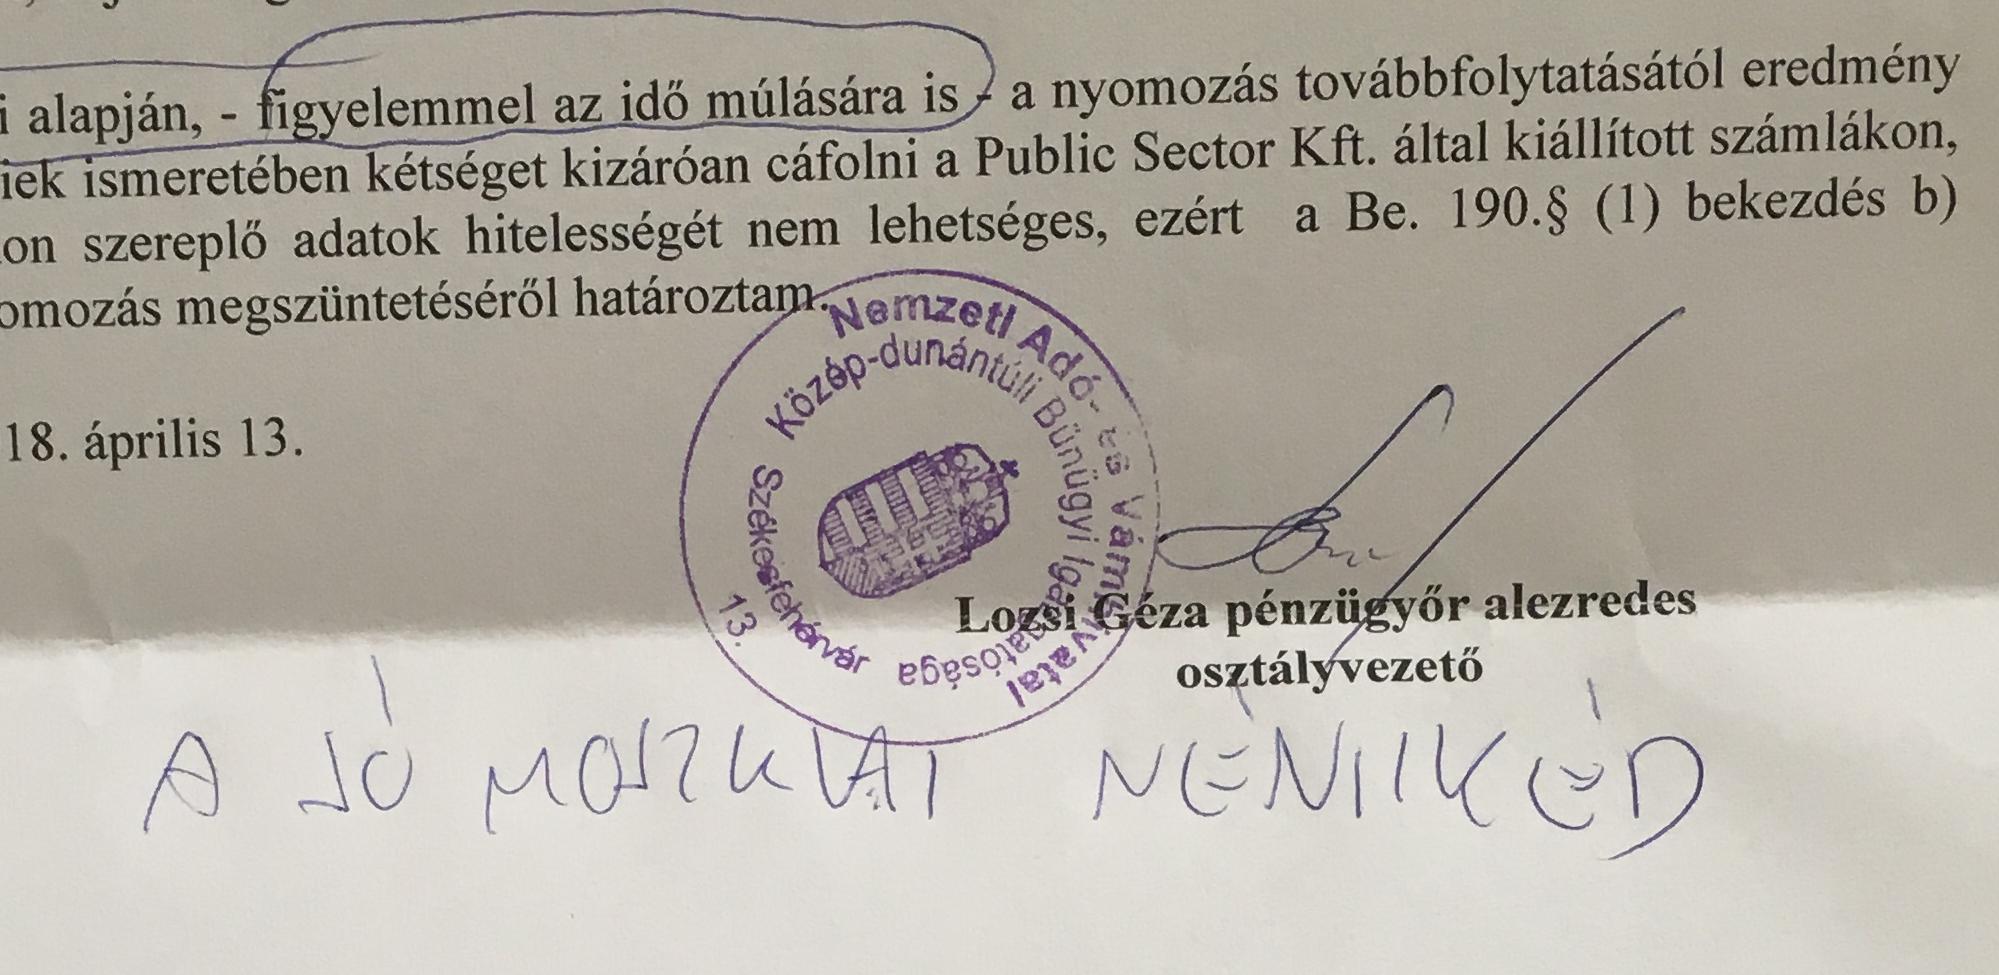 A NAV leírta, hogy milyen szemérmetlen költségvetési csalást követtek el Cecén és Lajoskomáromban, majd azzal a svunggal megszüntette a nyomozást